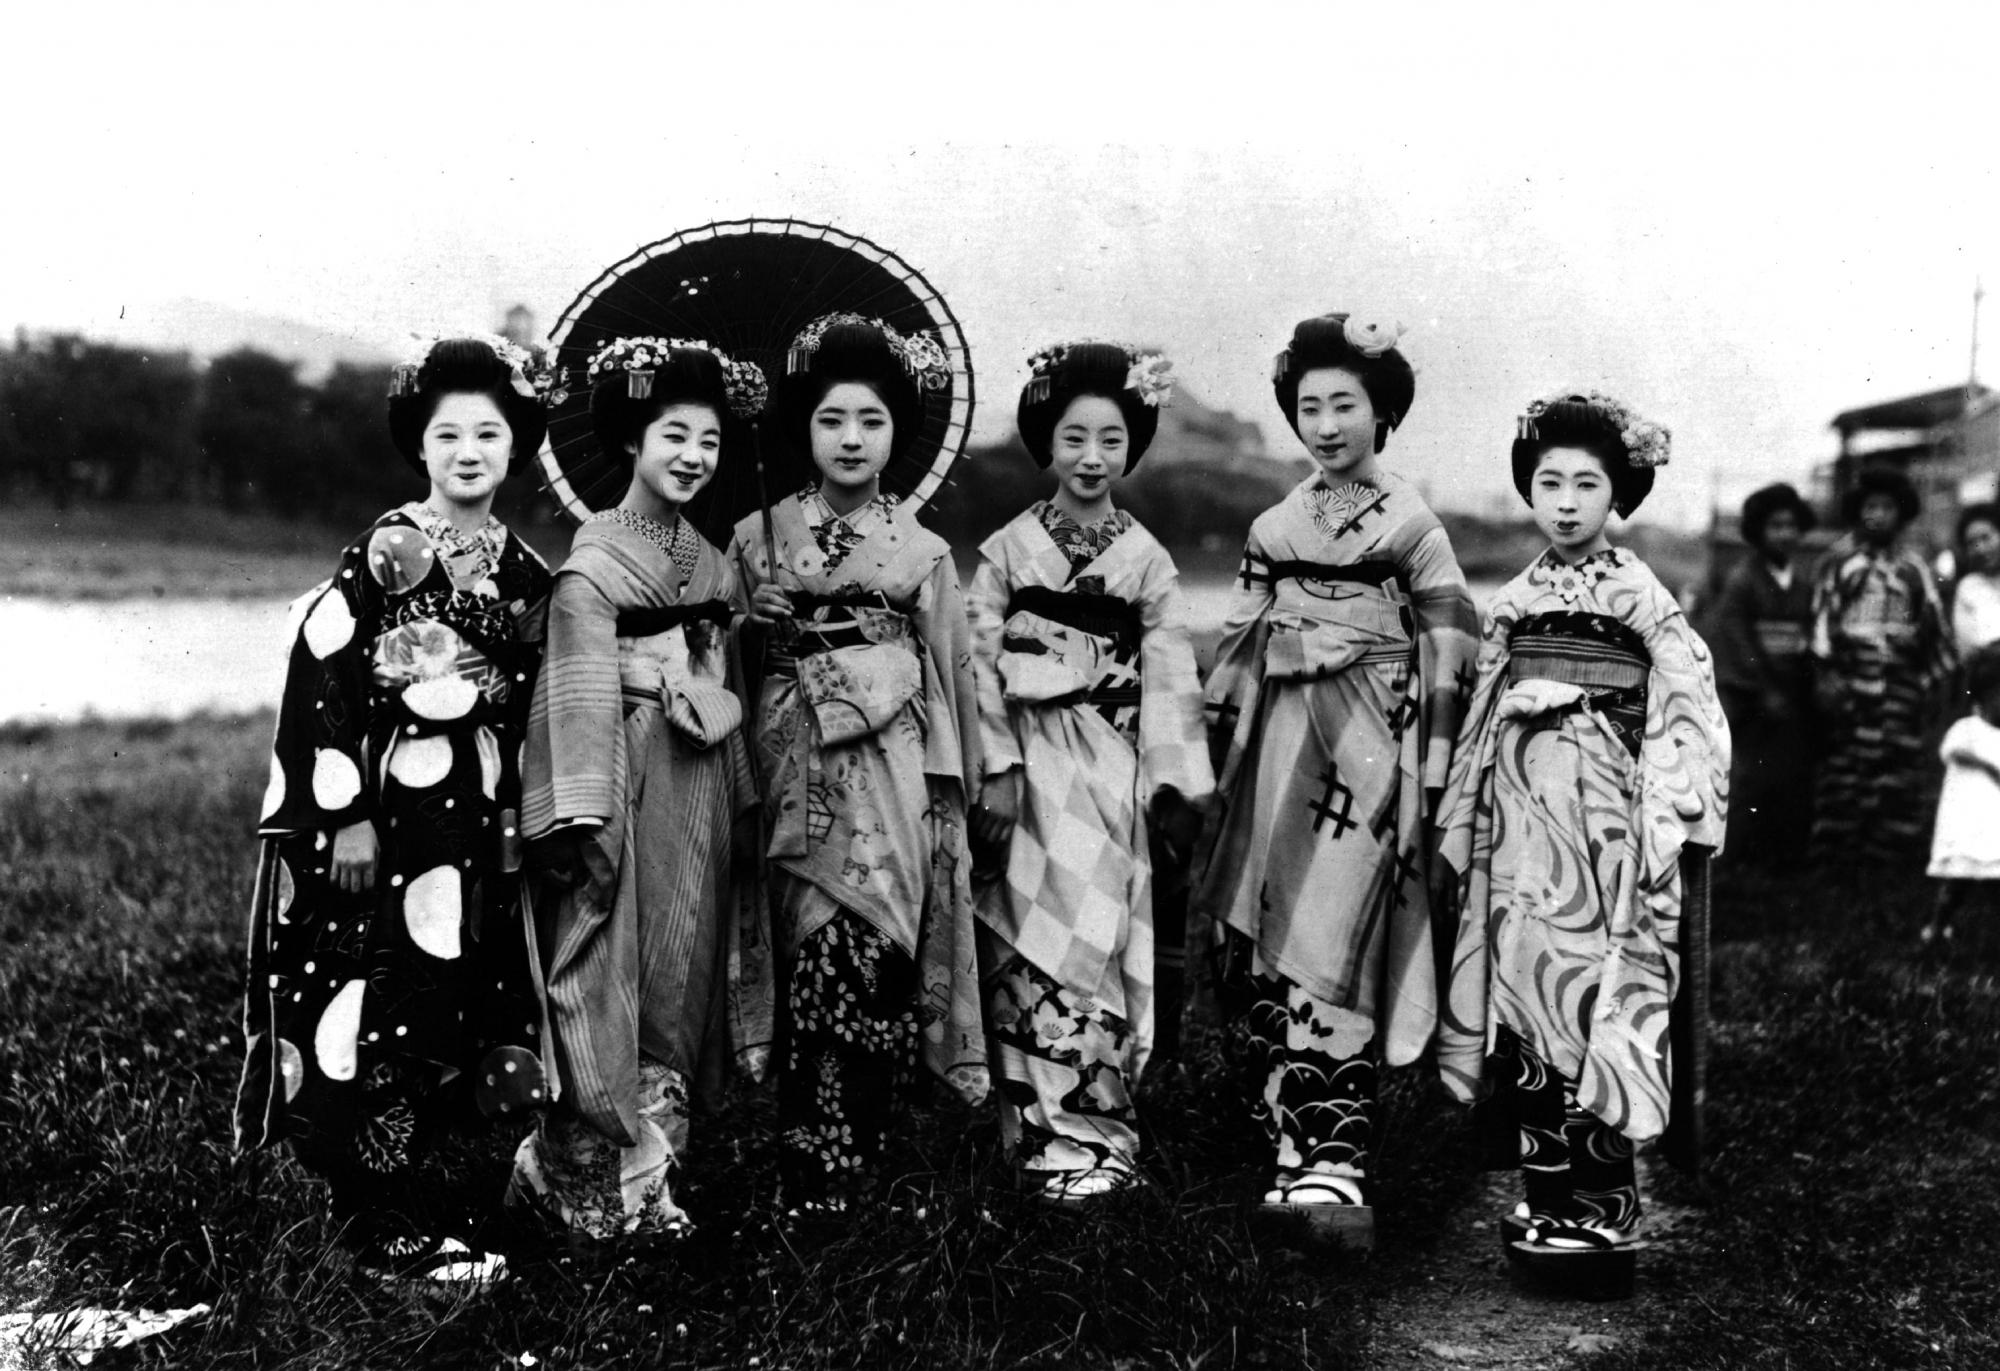 Исторические фотографии гейш и их учениц